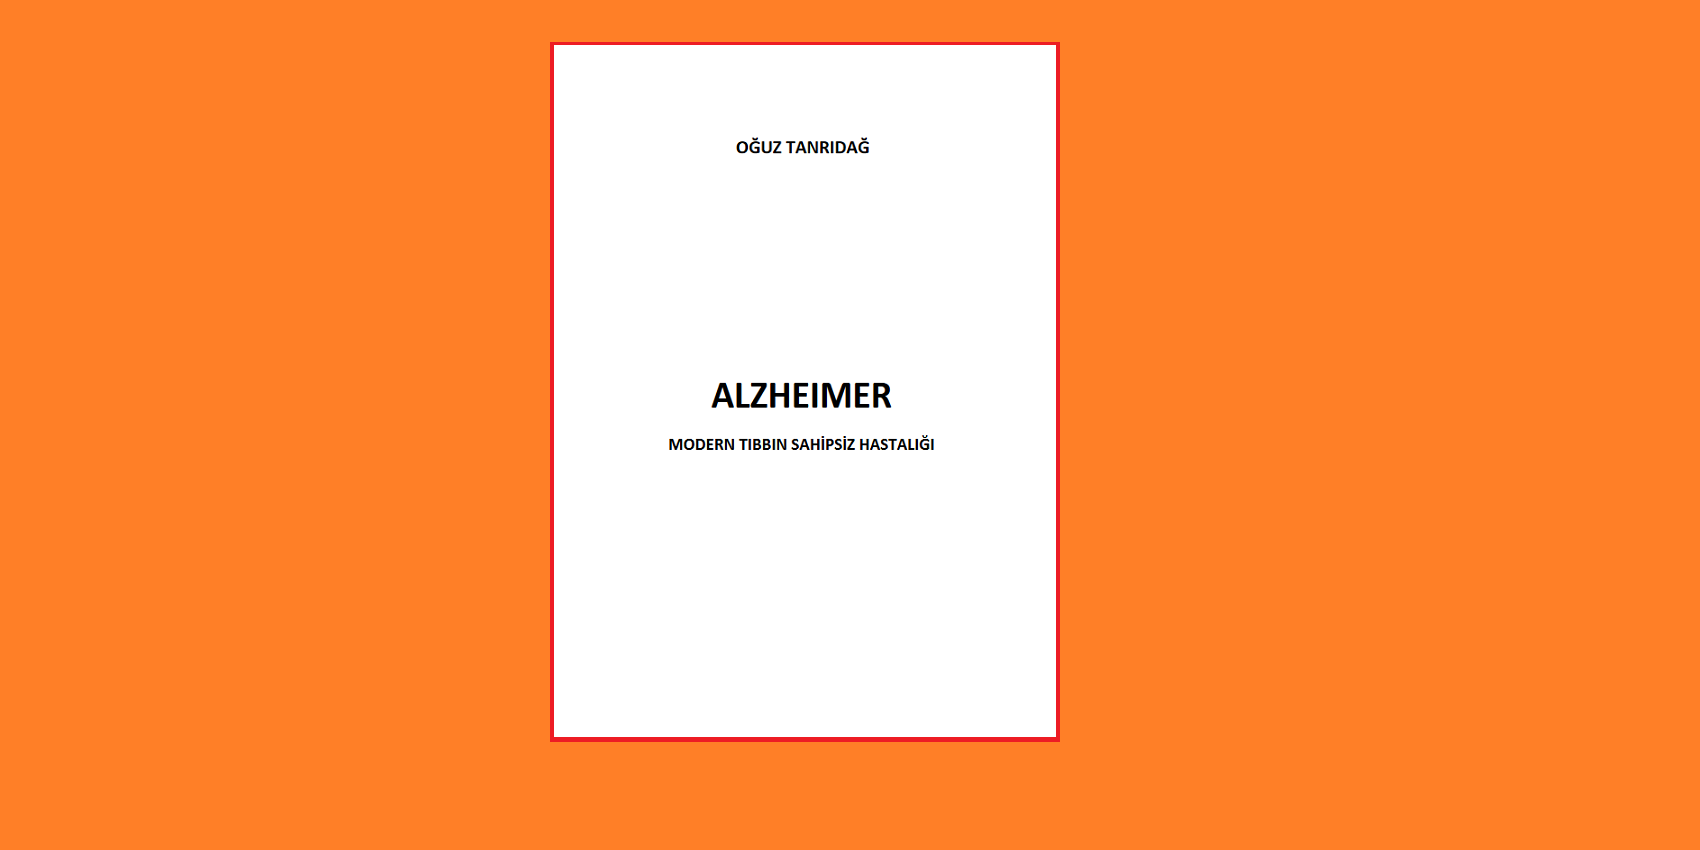 [KİTAP]  ALZHEIMER – Modern Tıbbın Sahipsiz Hastalığı (pdf)